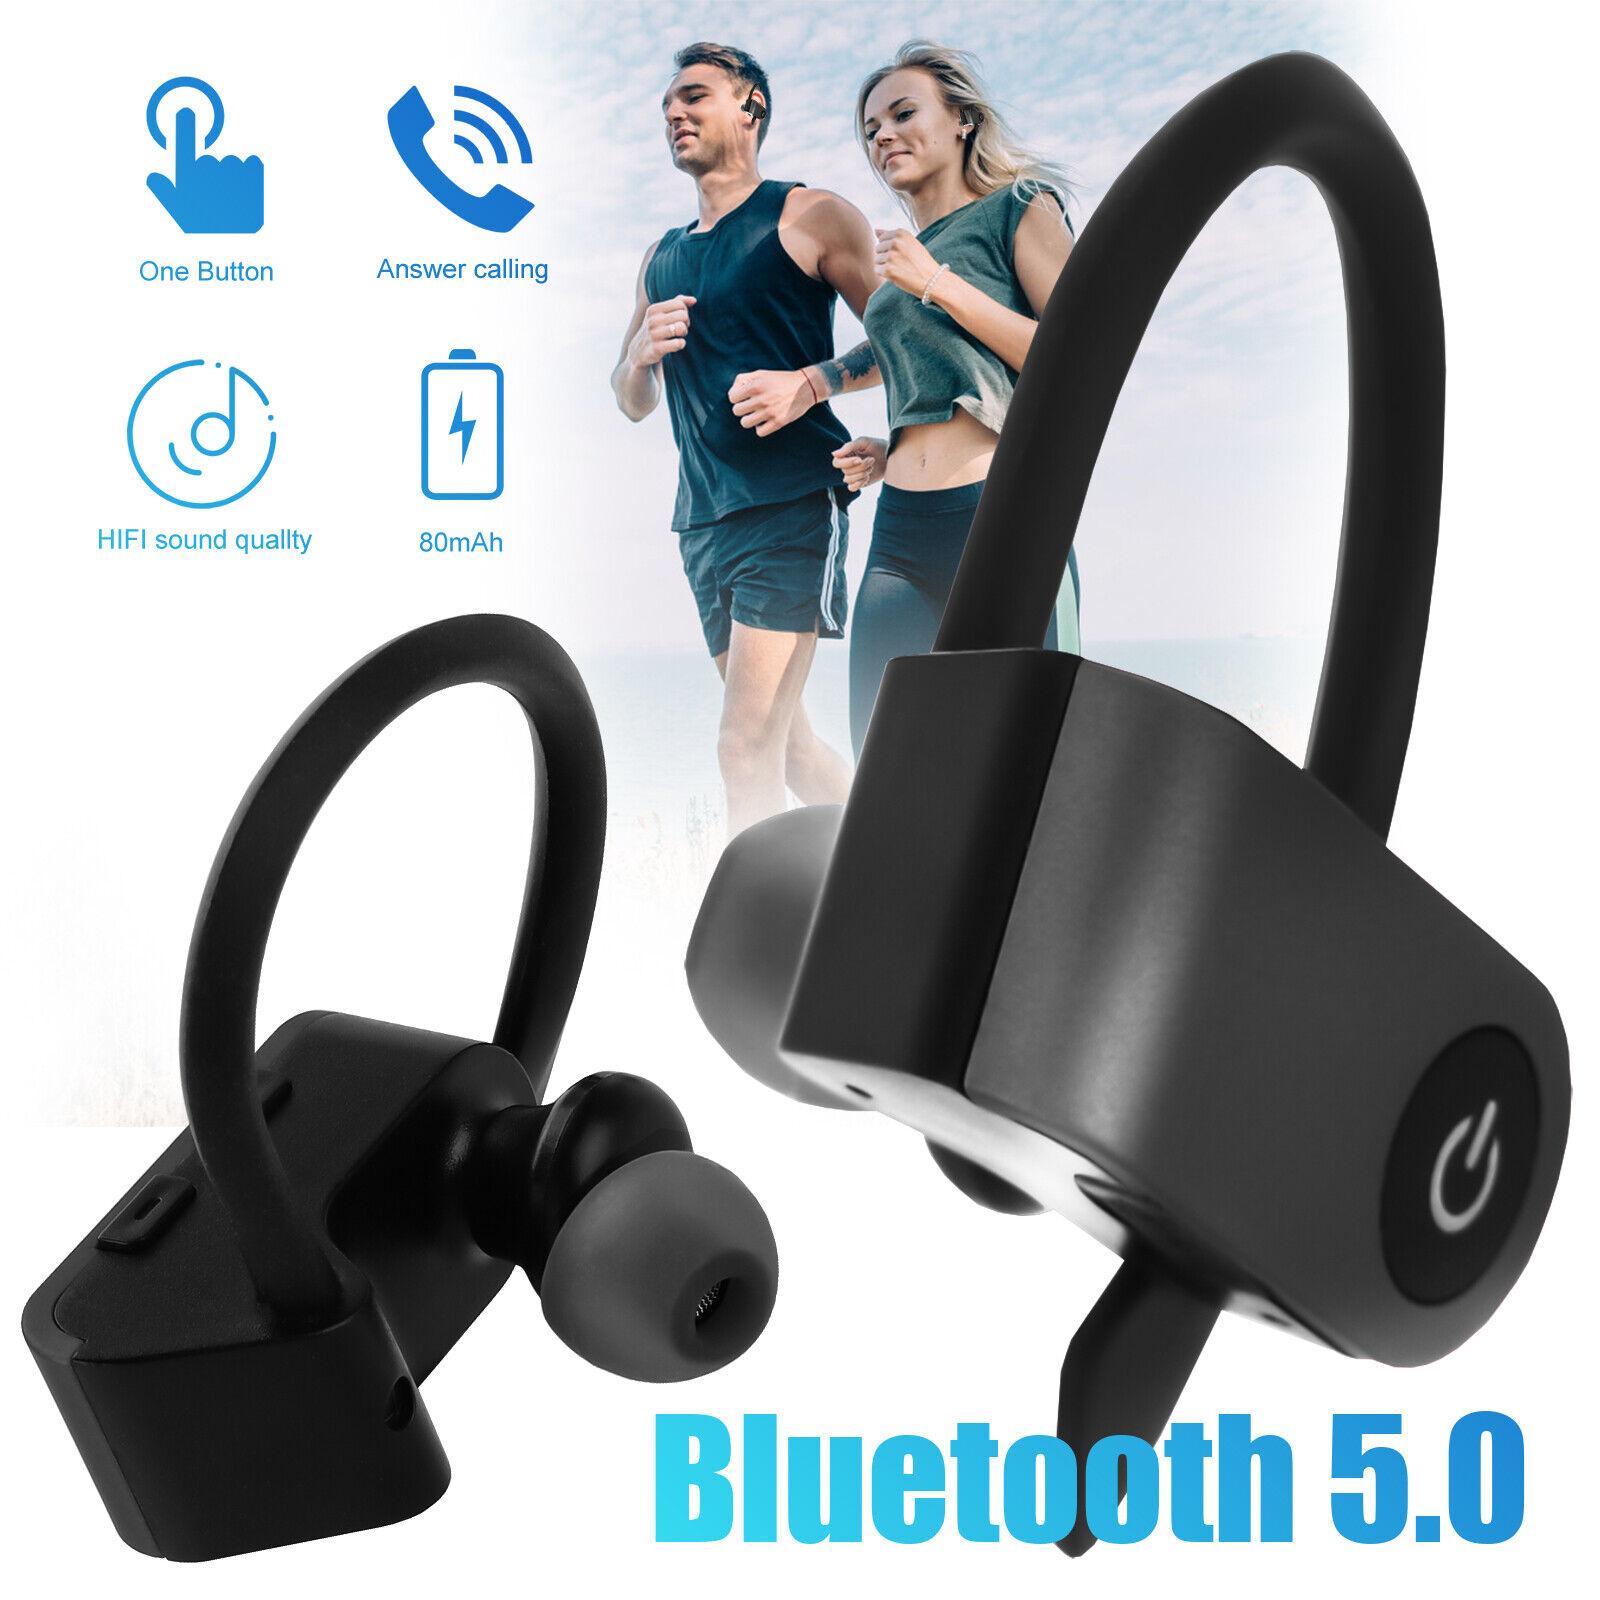 Wireless Bluetooth Stereo In-Ear Headset Kopfhörer für Samsung iPhone